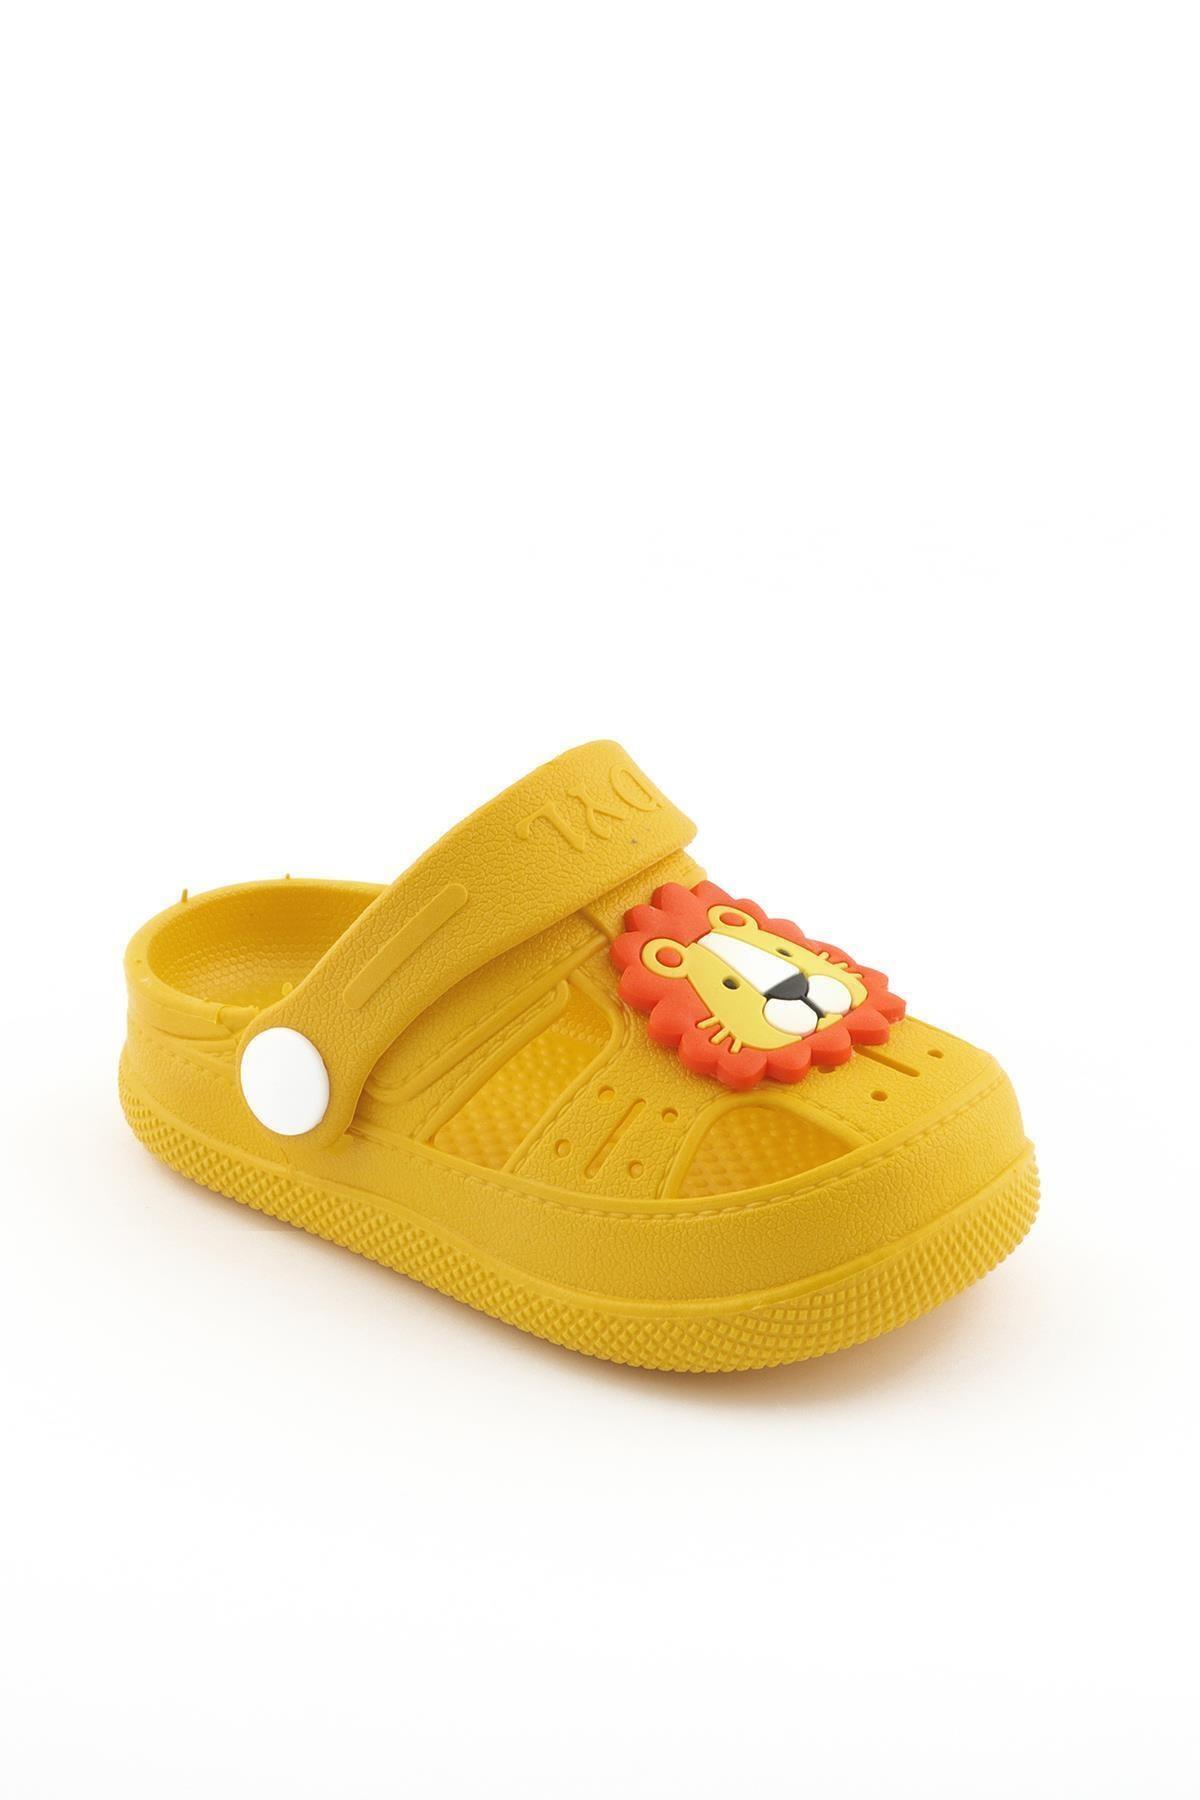 Da-ye Ortopedik Kaydırmaz Tabanlı Hayvan Figürlü Çocuk Sandalet Terlik